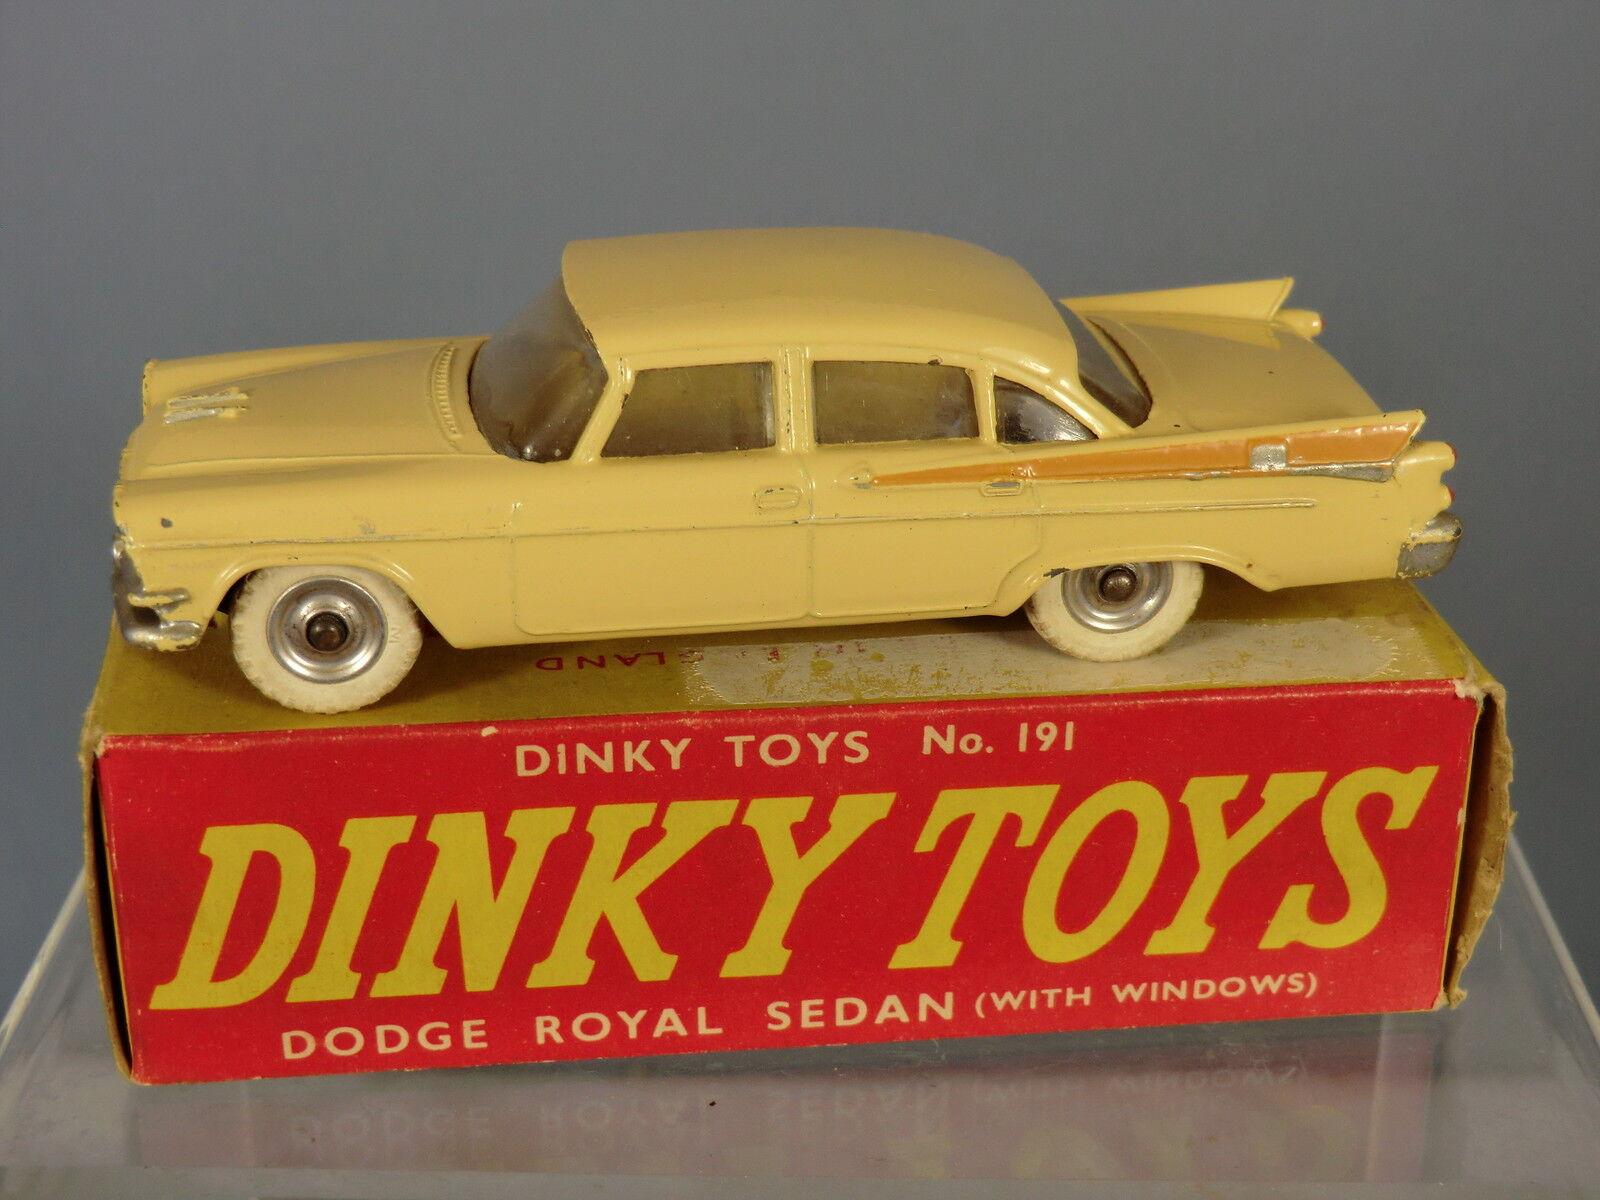 Vintage DINKY TOYS modèle No.191  Dodge Royal  Sedan  VN En parfait état, dans sa boîte  détaillants en ligne